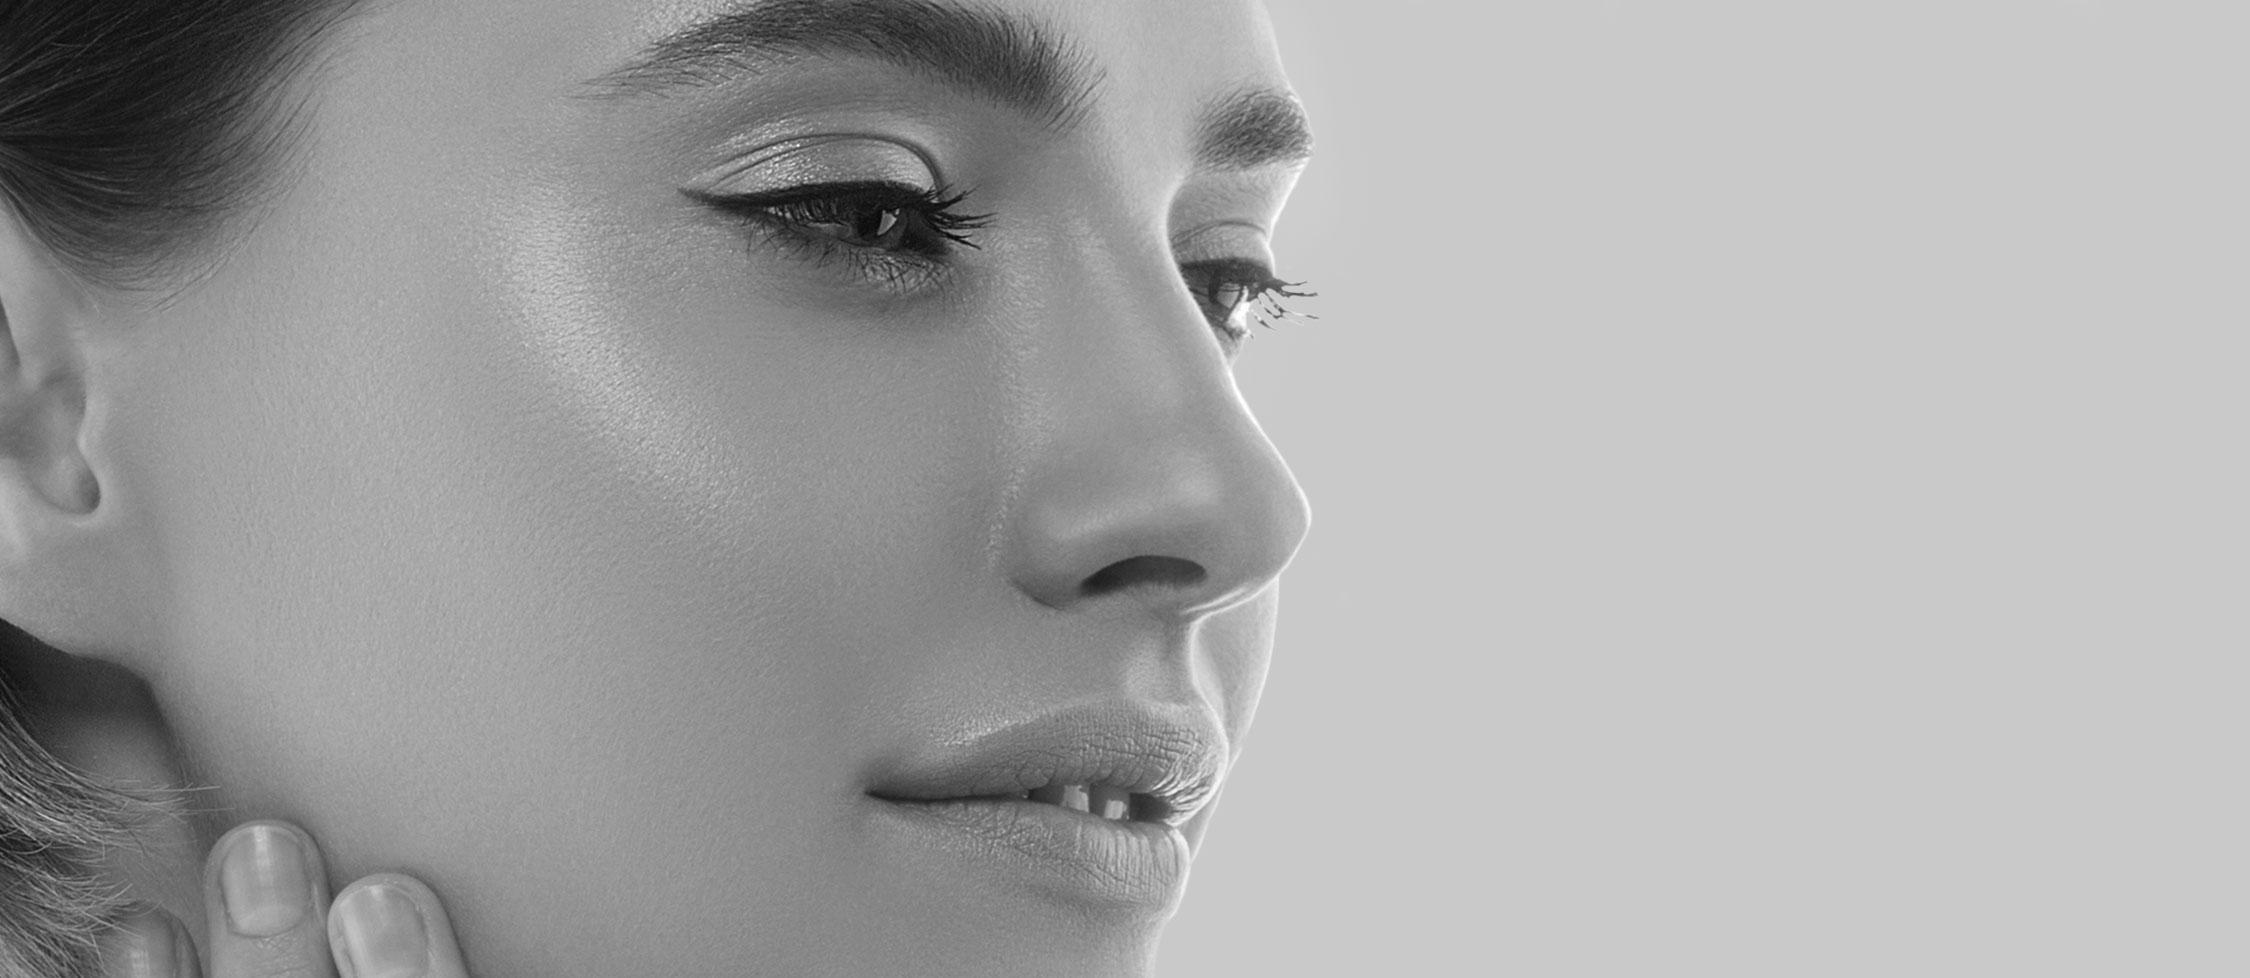 La rhinoplastie sans chirurgie à Lyon - médecine esthétique du visage | Dr Durbec